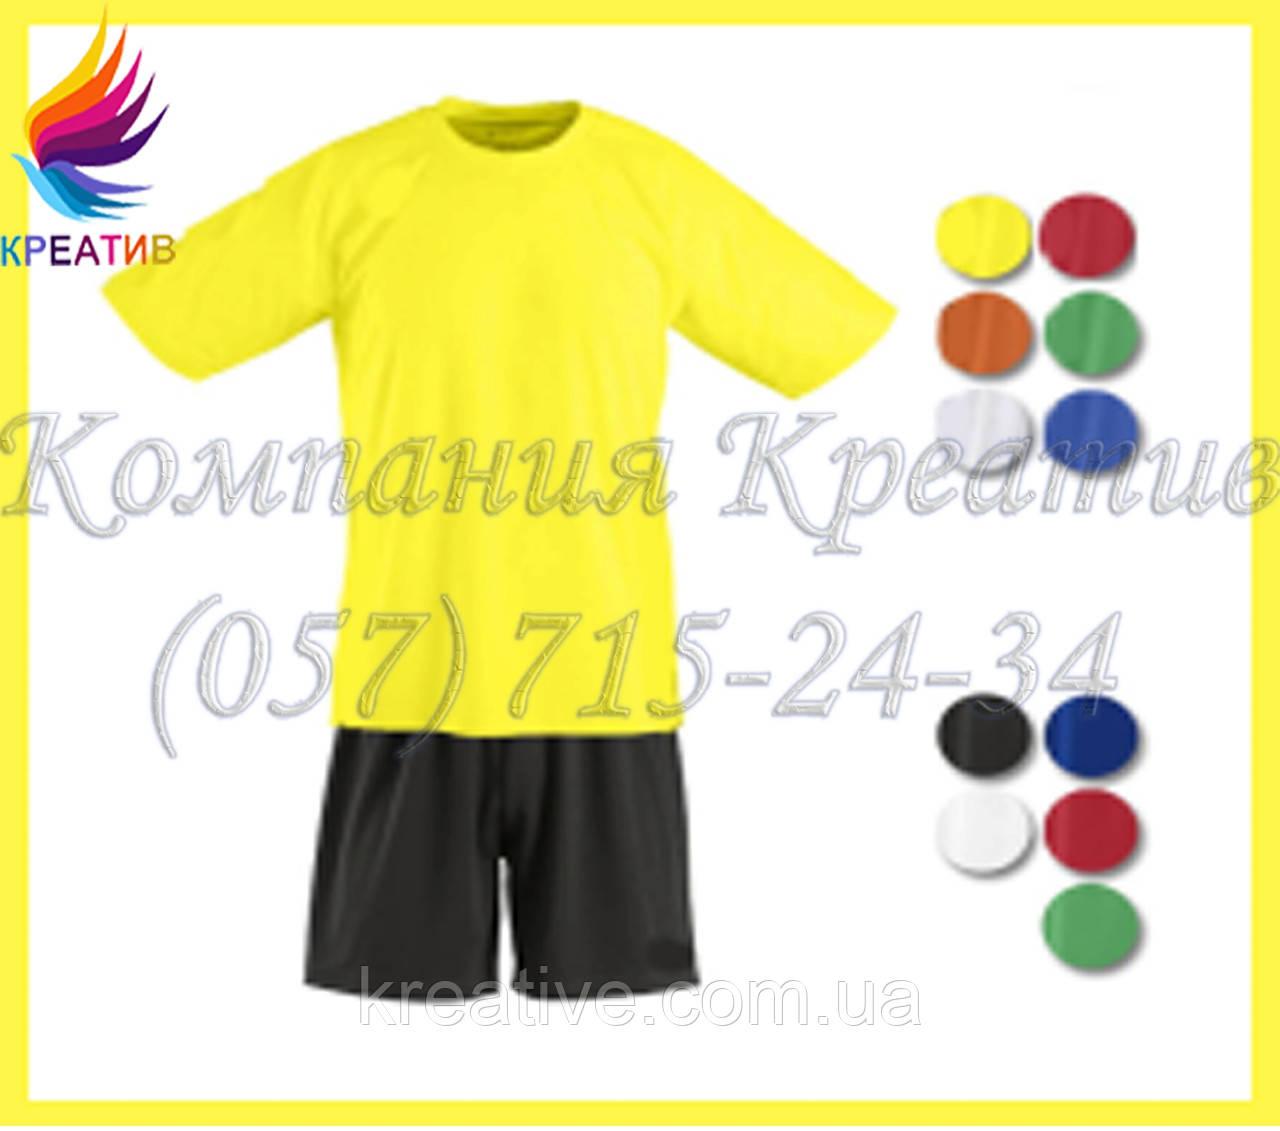 66def8771bb3 Детская футбольная форма под заказ (от 50 шт.) - ООО